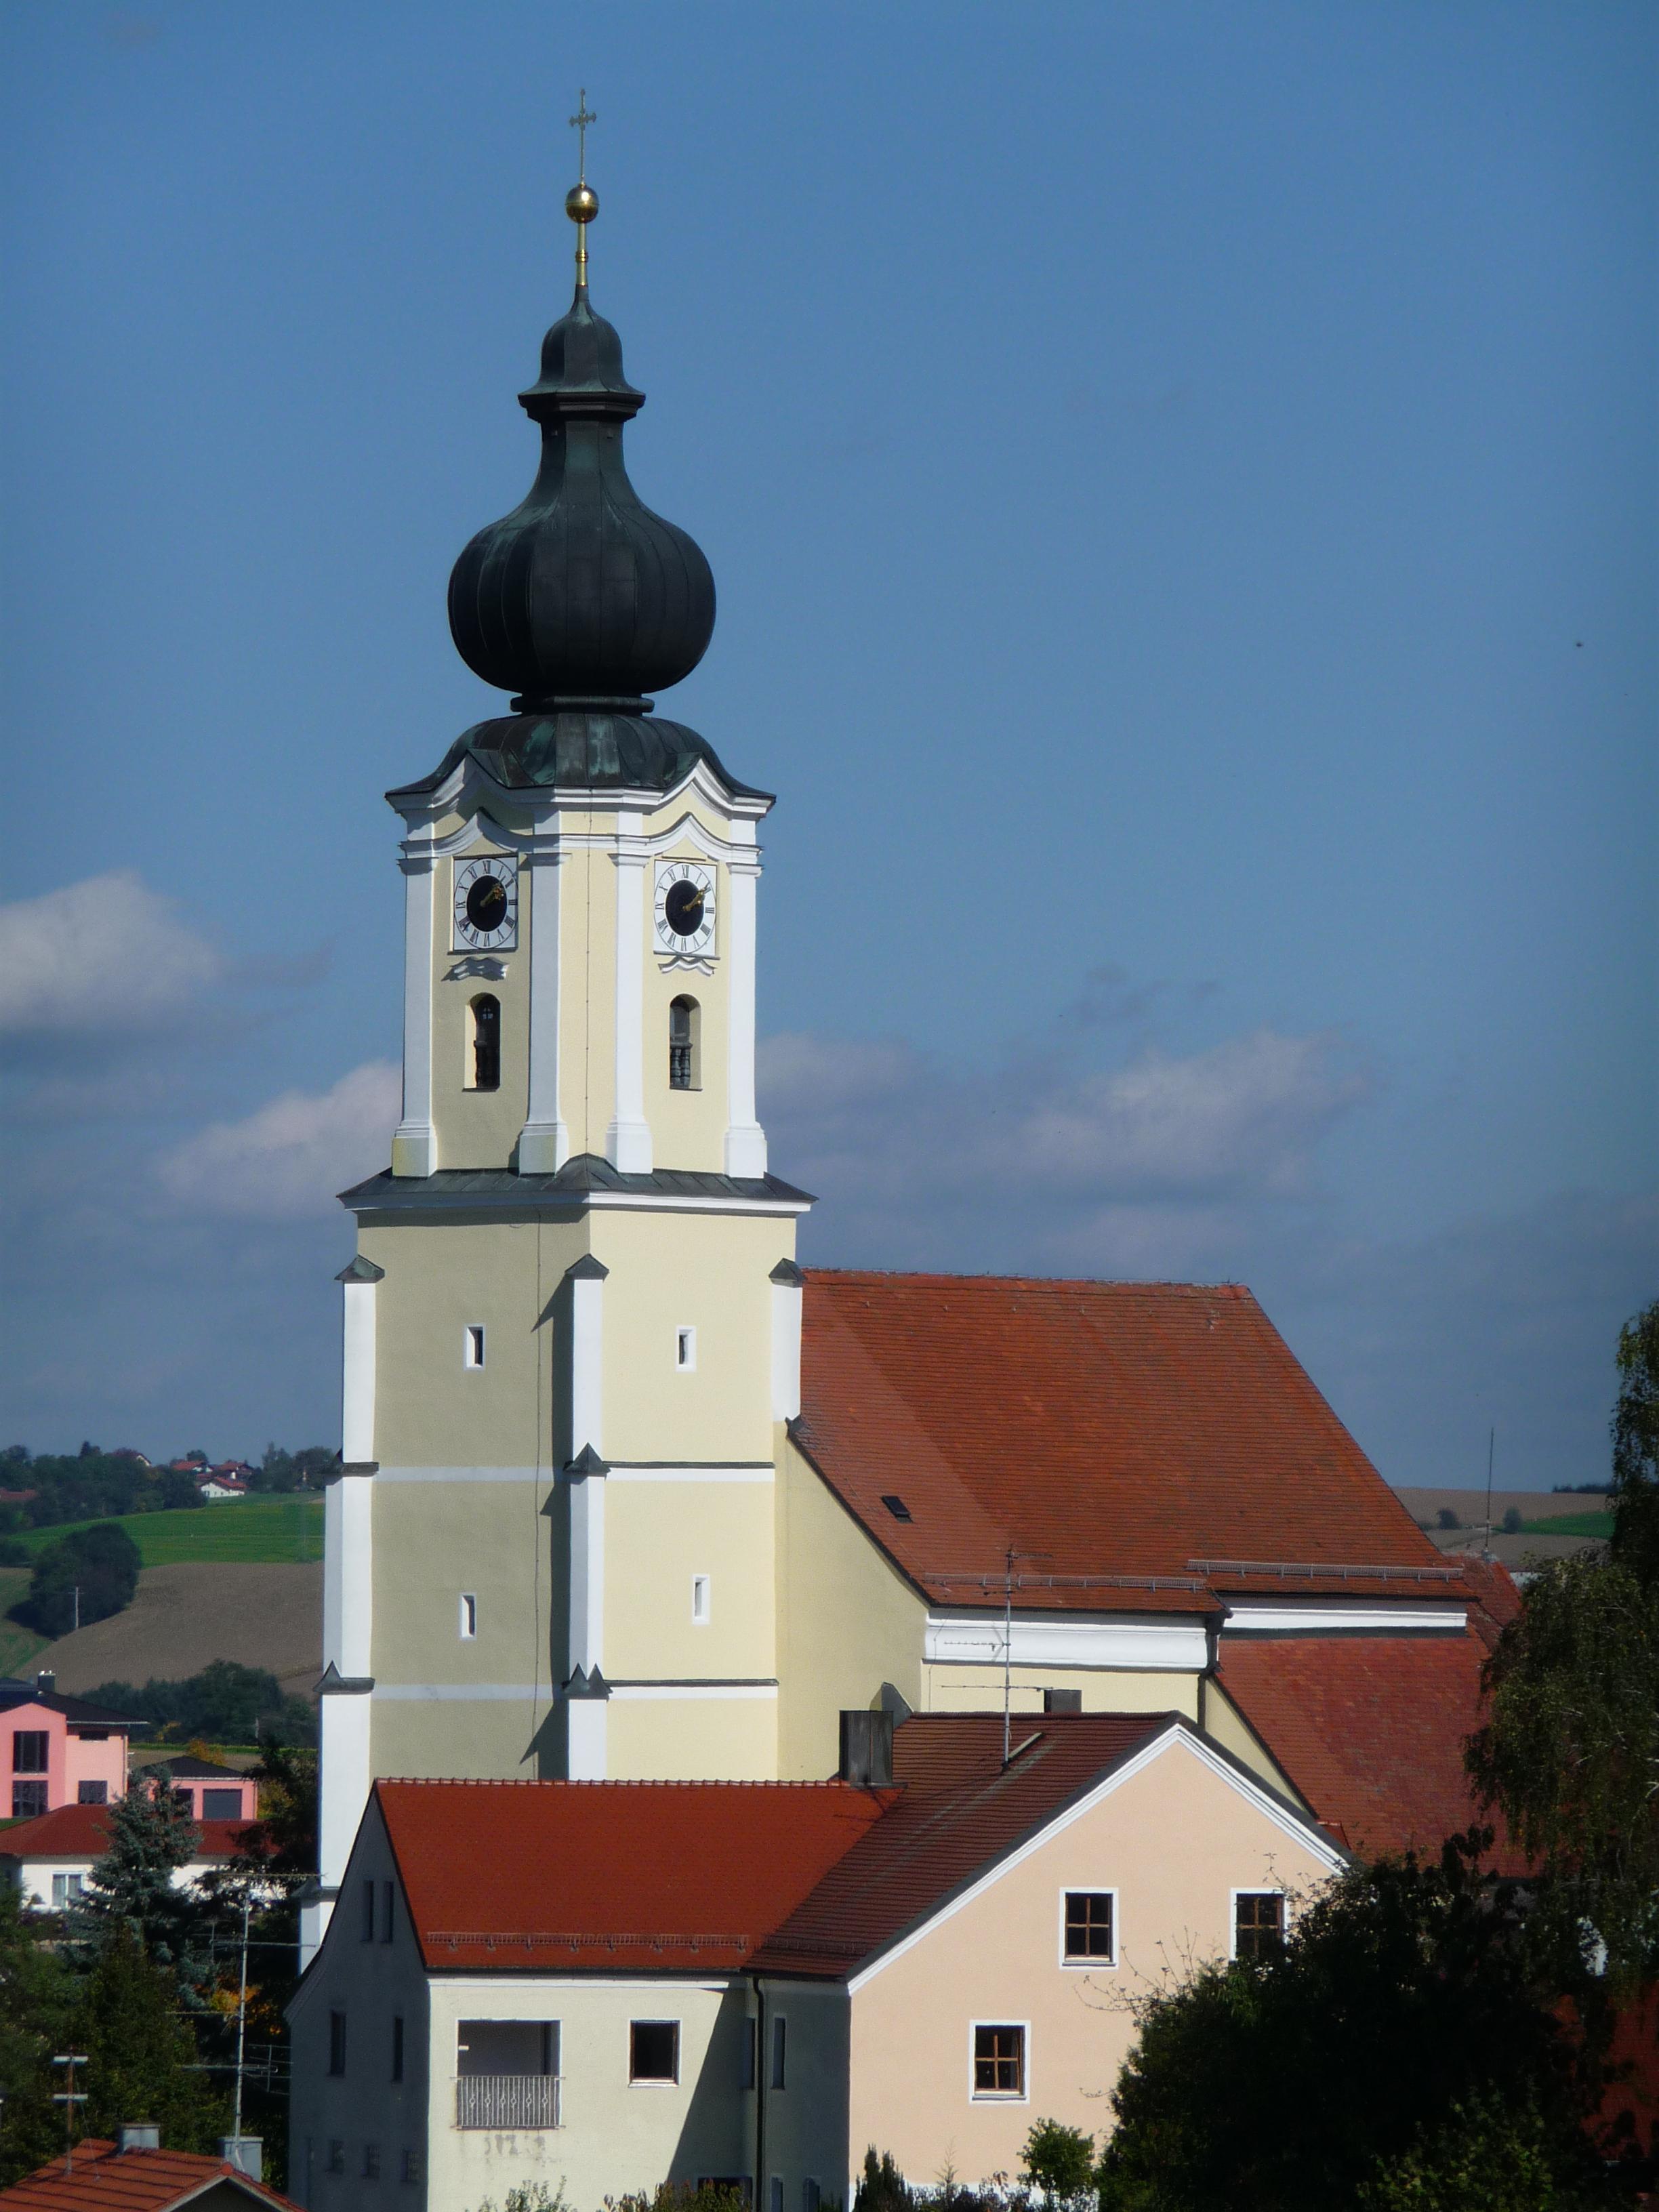 Pfarrkirche Bad Hc3B6Henstadt